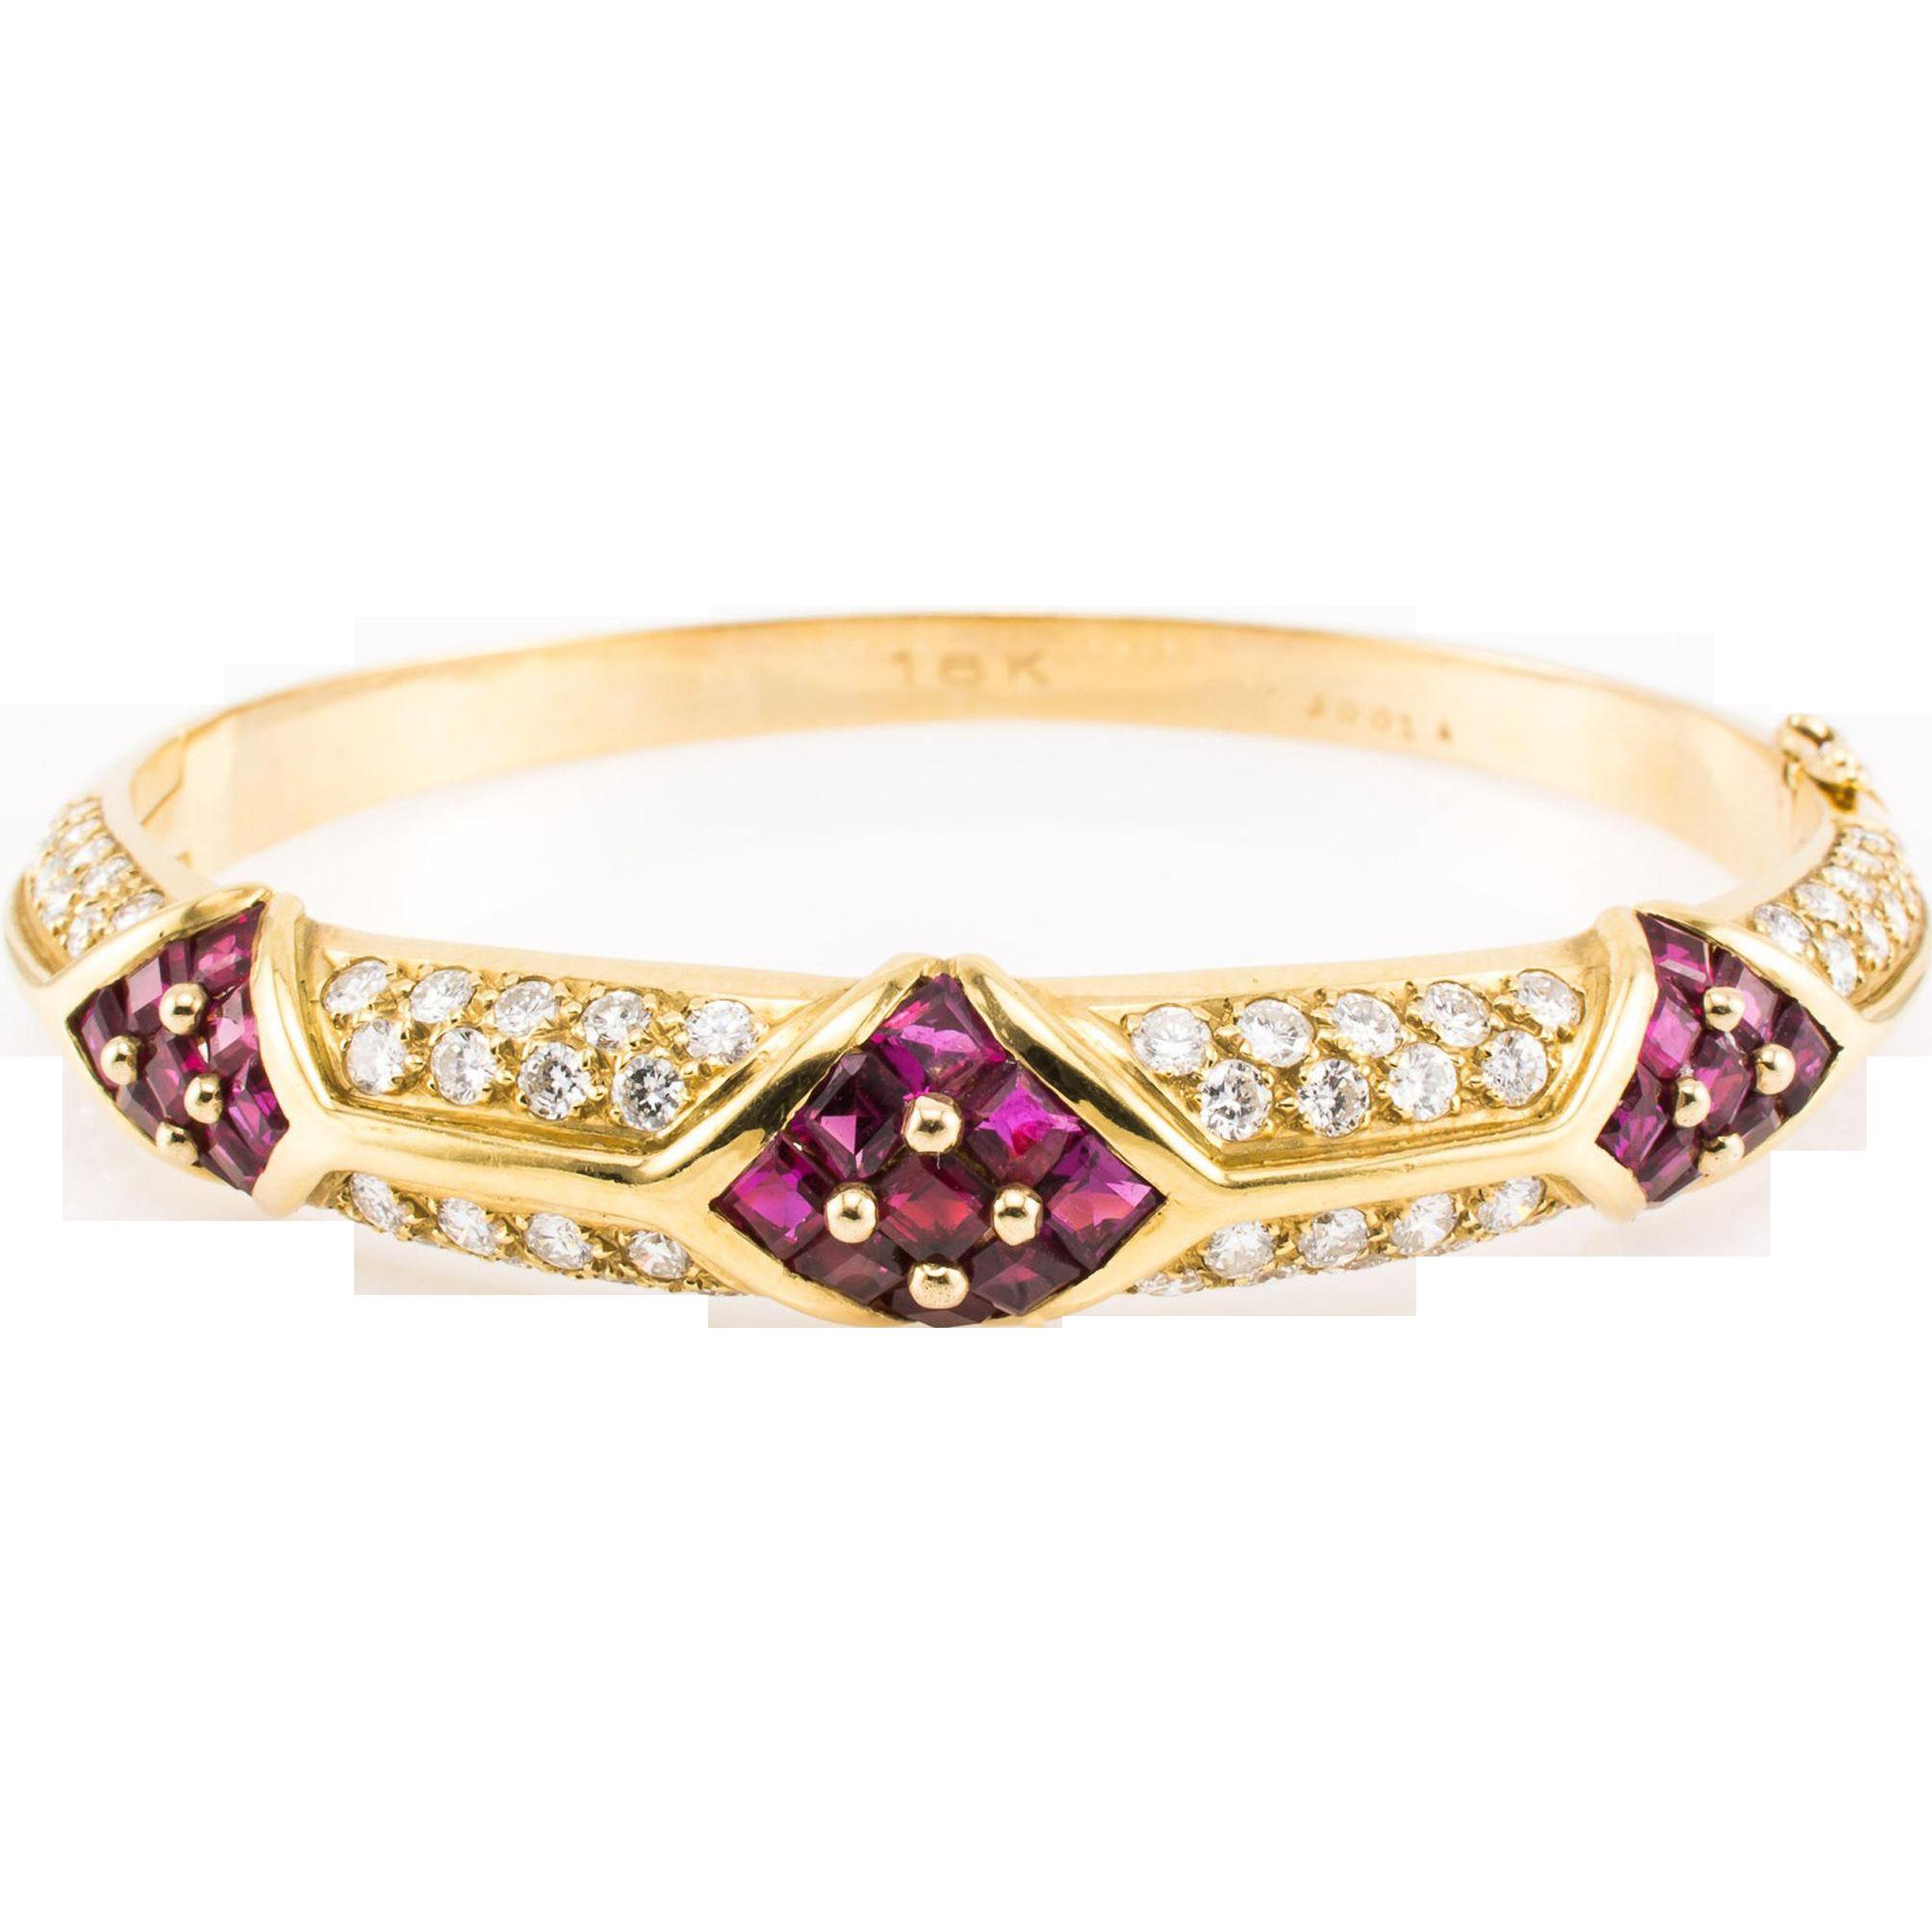 Vintage 18K Cartier Bracelet Authentic Diamond Ruby Bangle Designer - Exquisite!